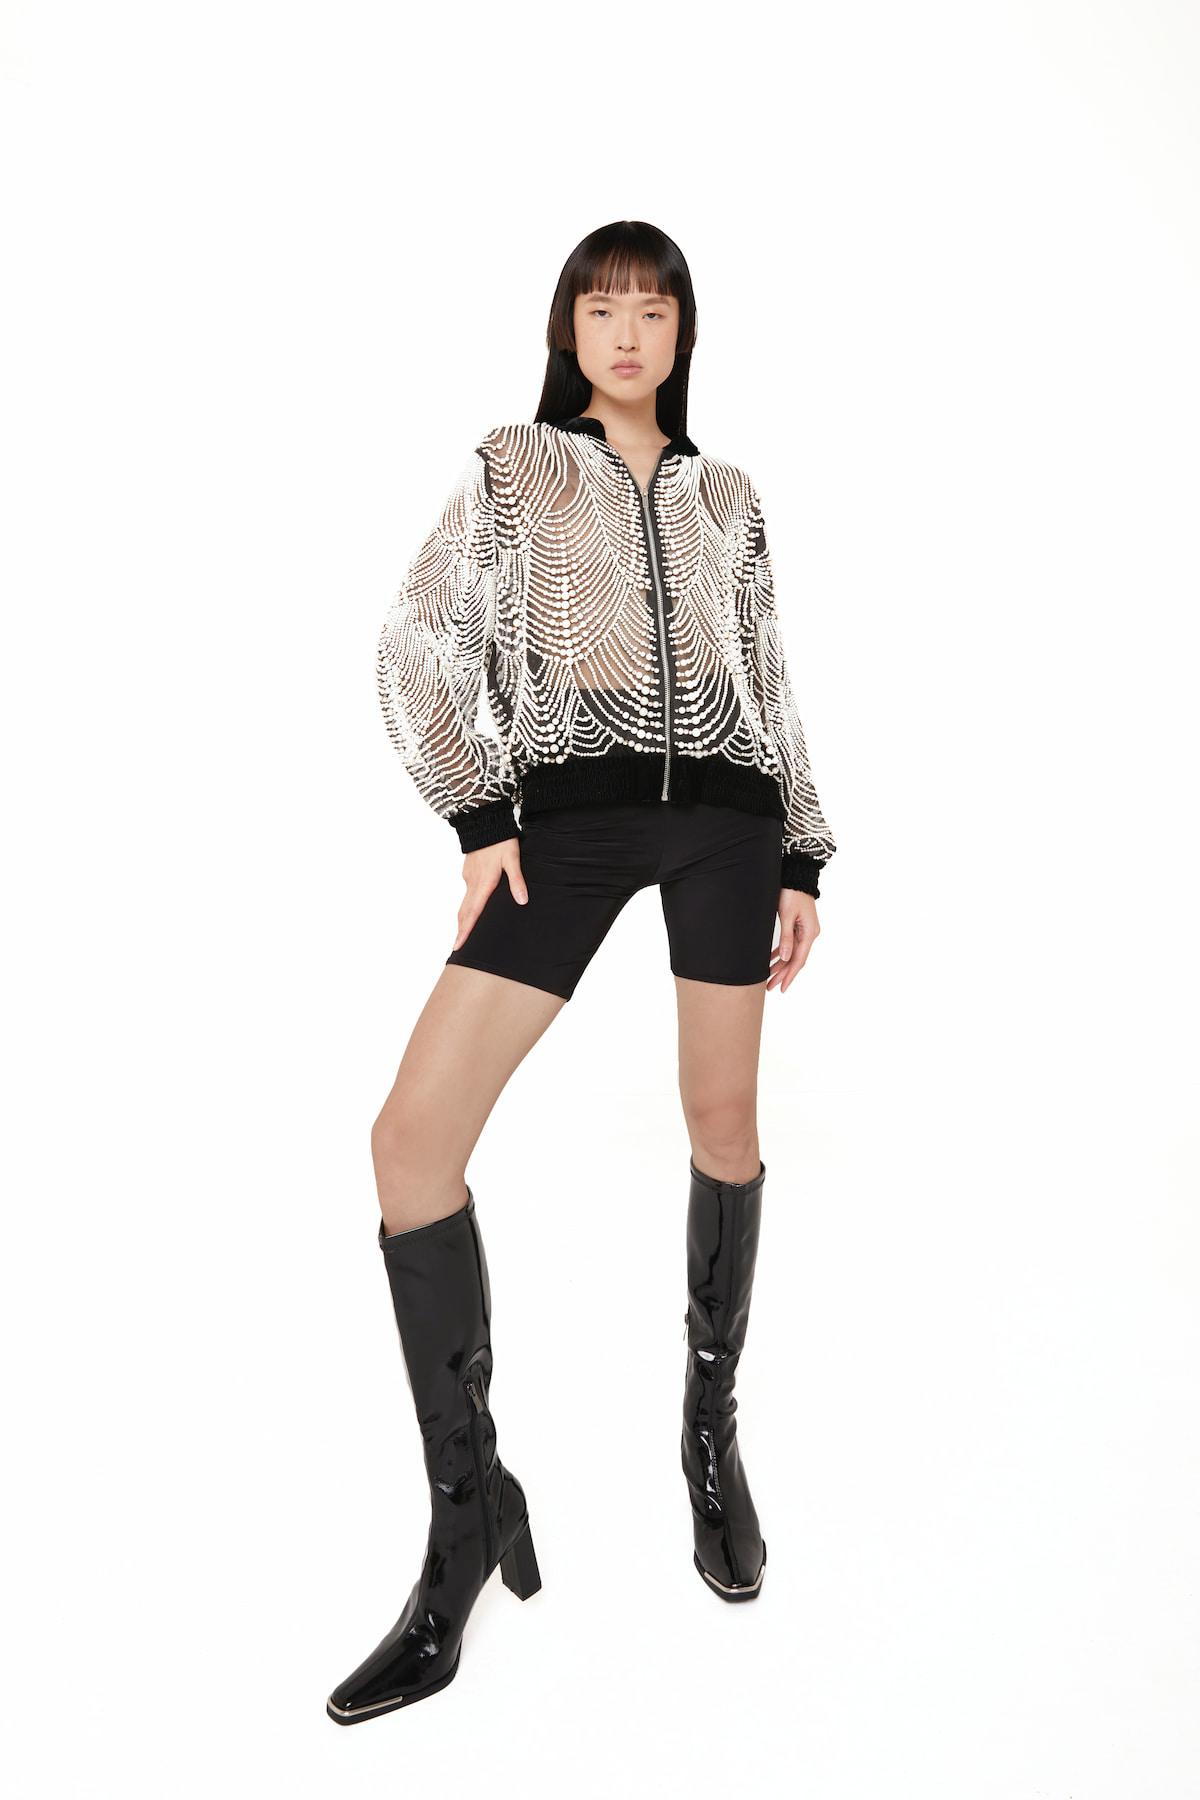 View 4 of model wearing Ktak Bomber in black.